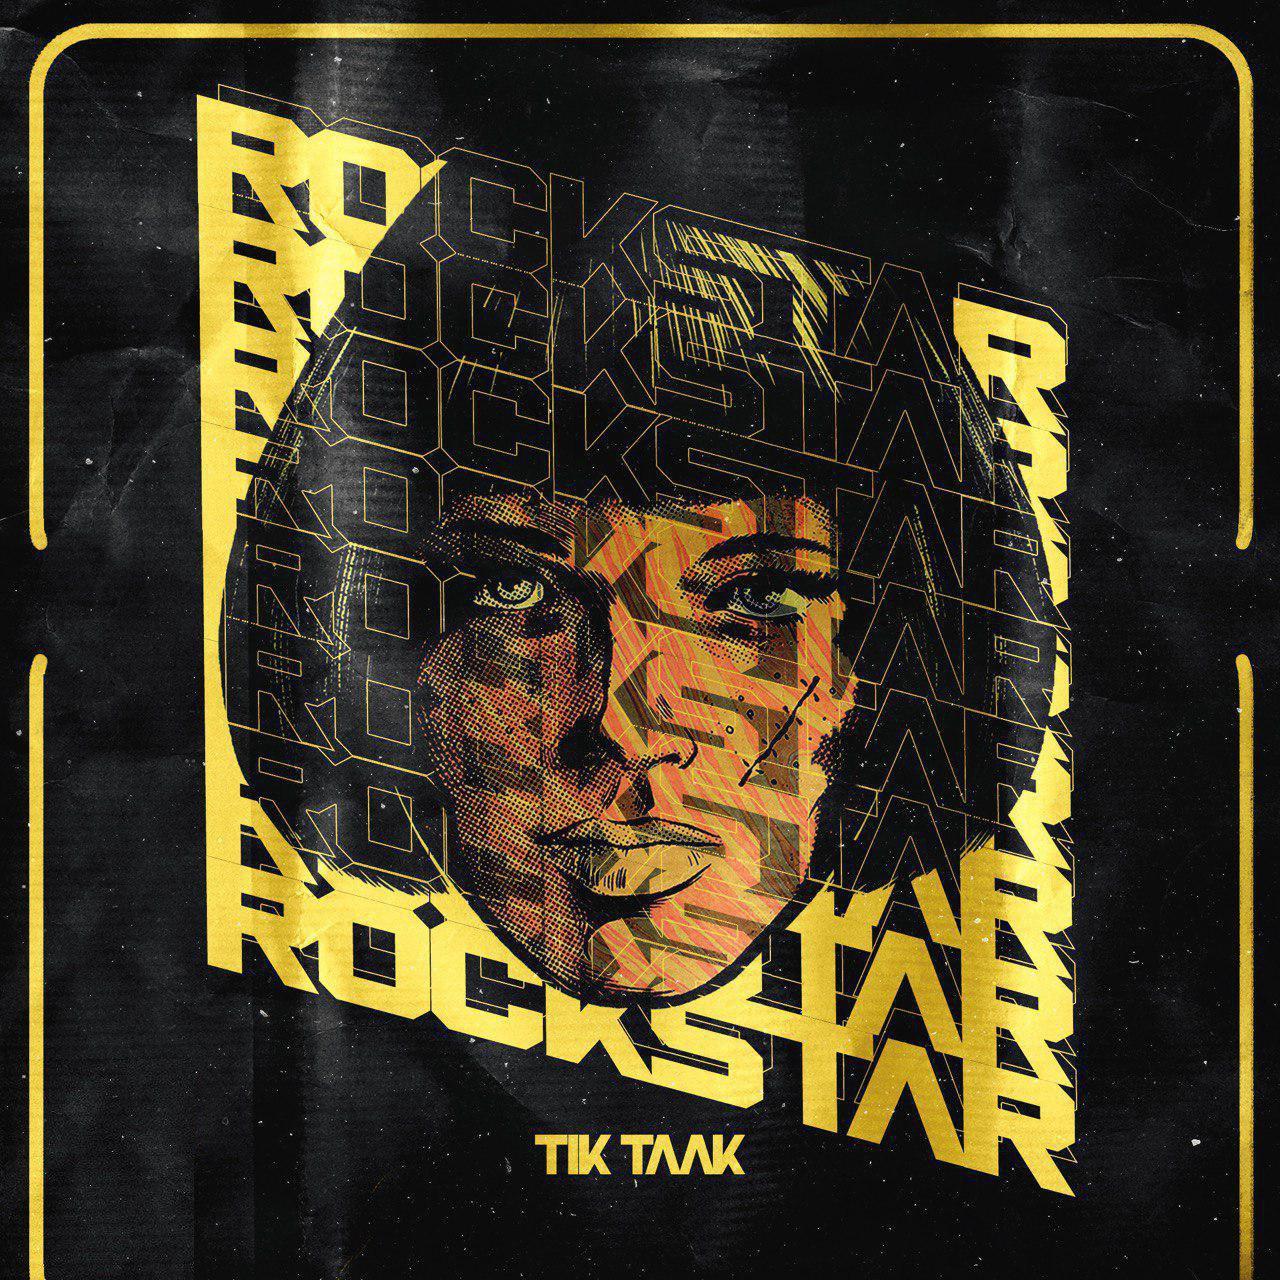 Tik Taak – Rockstar